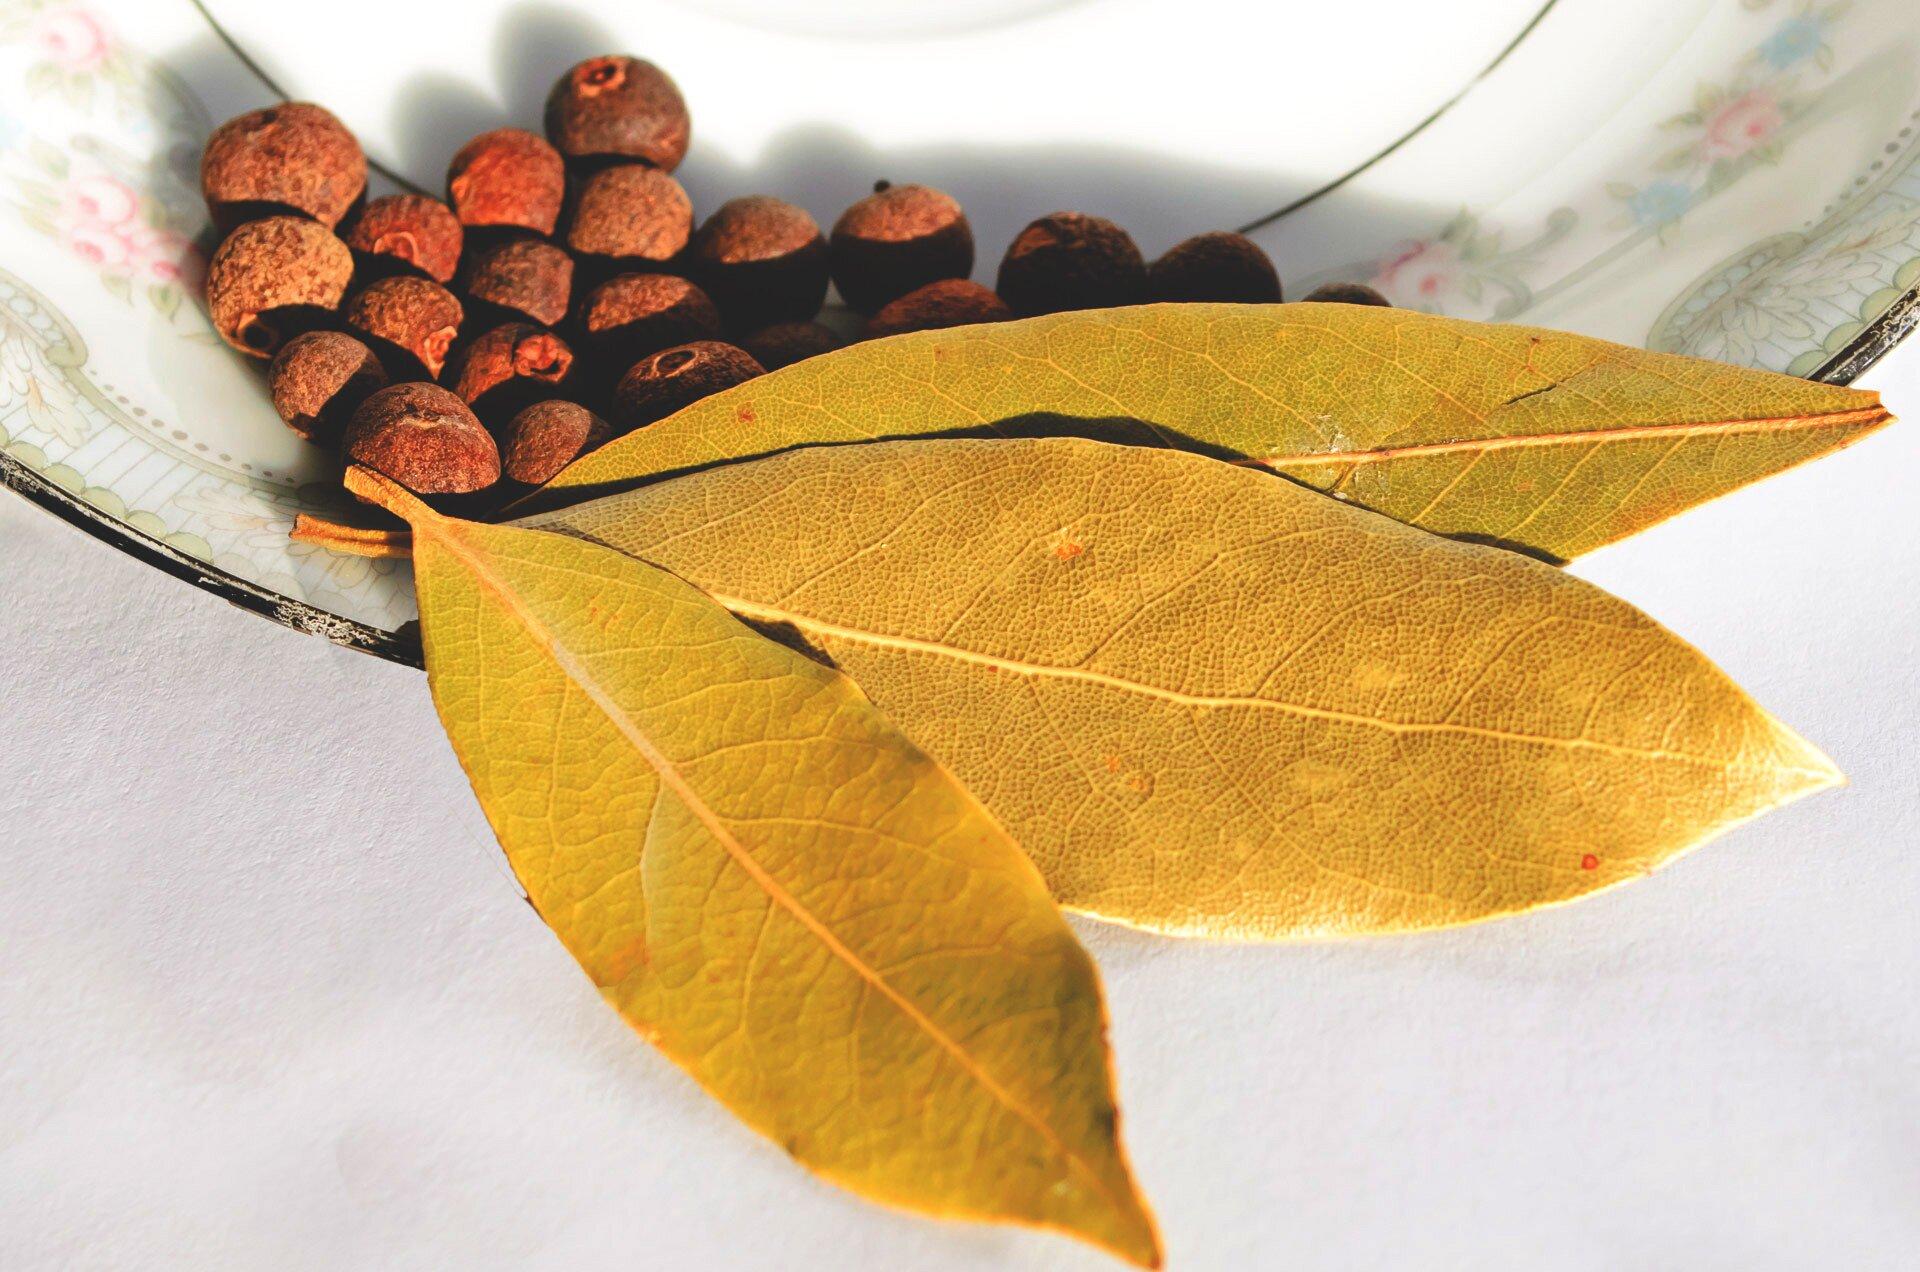 Liść laurowy iziele angielskie Liść laurowy iziele angielskie Źródło: pixabay, domena publiczna.